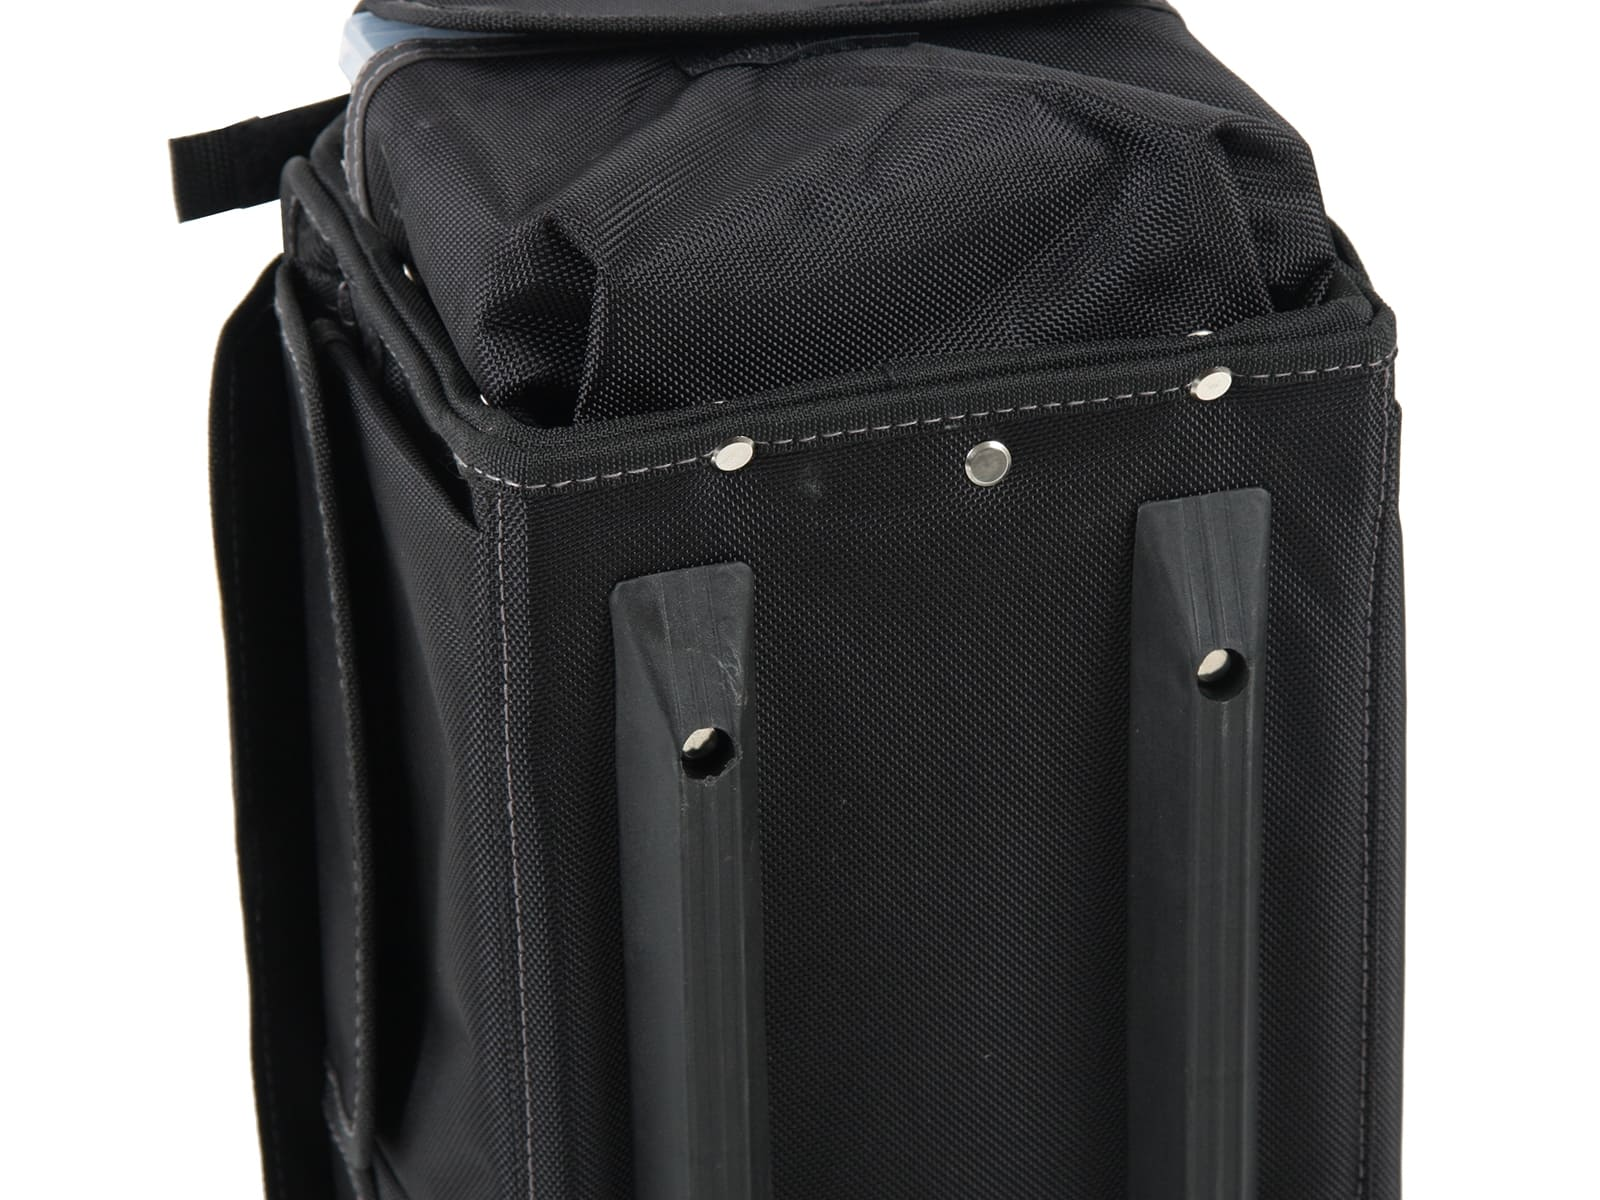 Kleine Profi-Installateurtasche 20 ltr. 5858